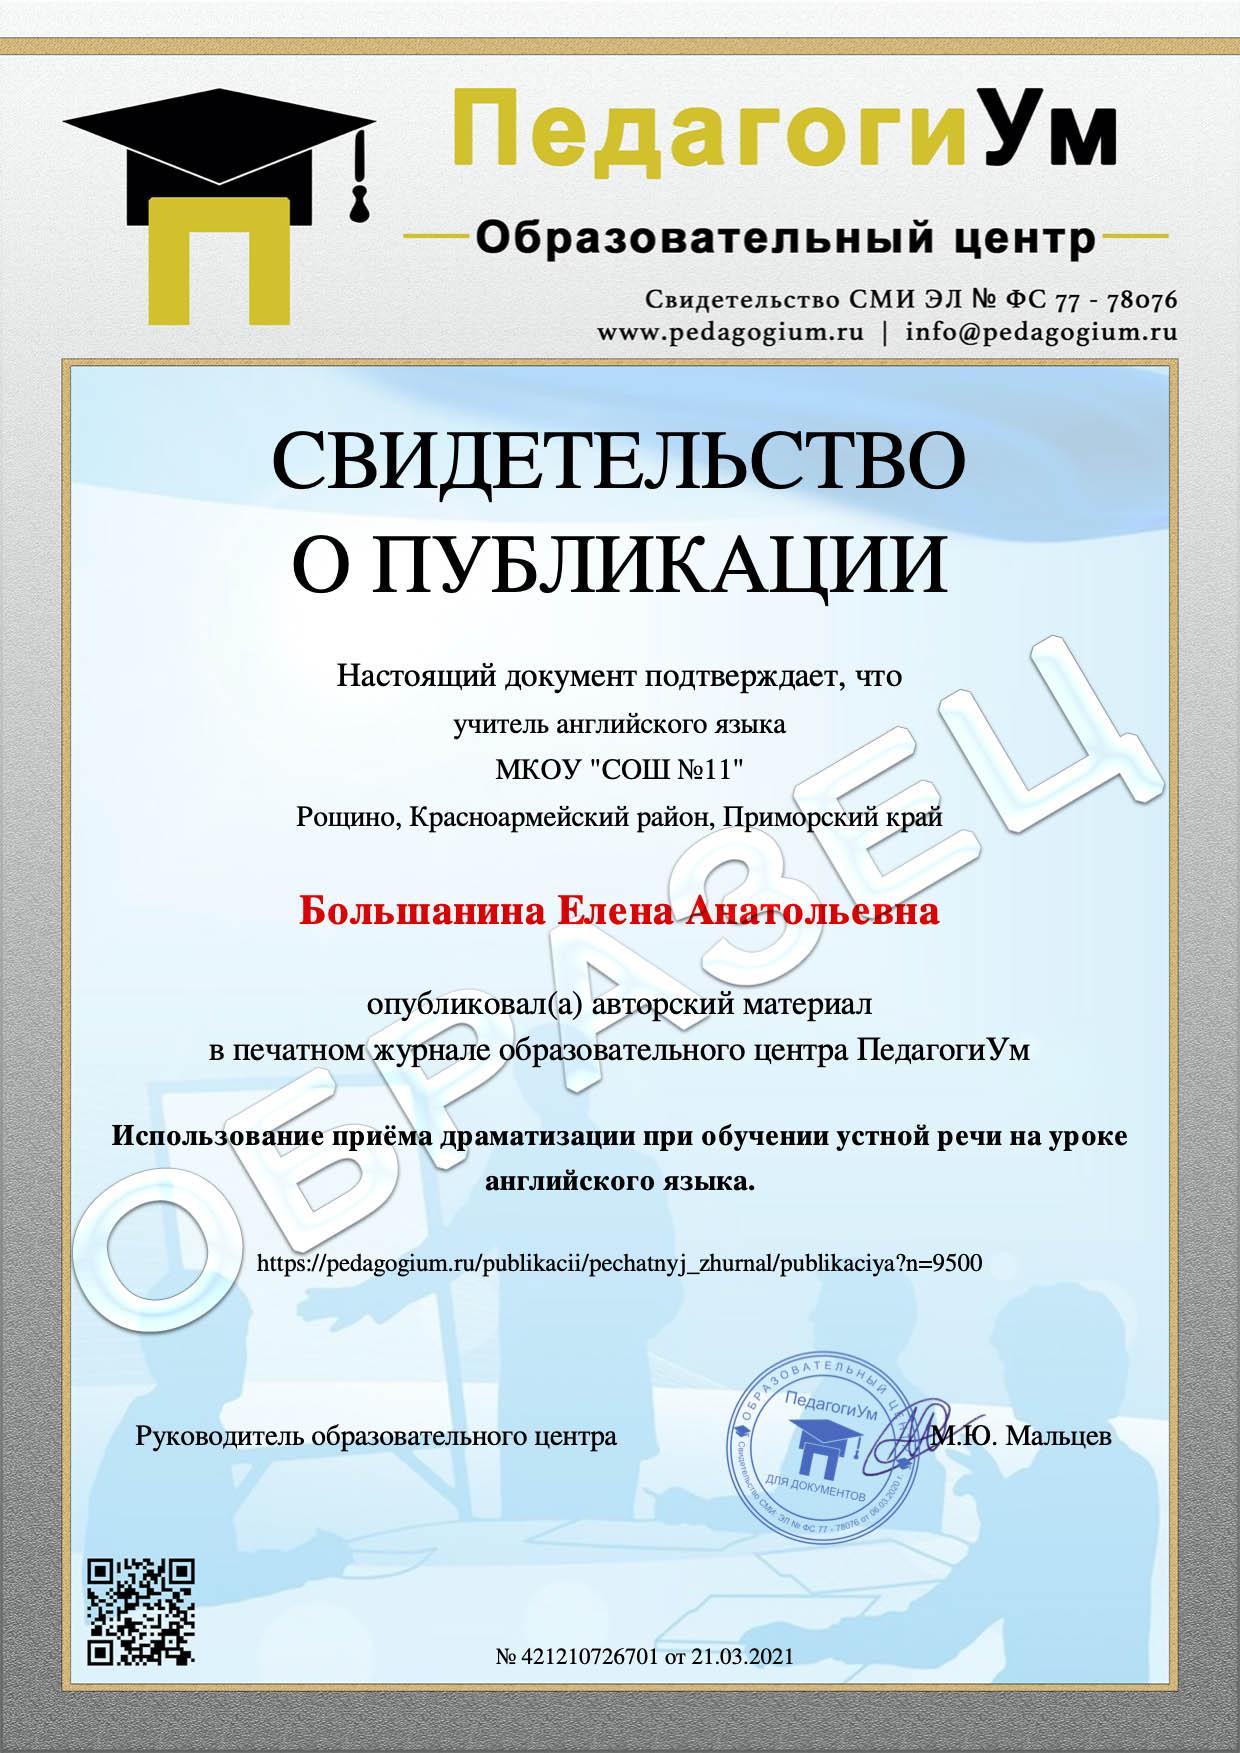 Образец документа за публикацию в печатном журнале ПедагогиУм.